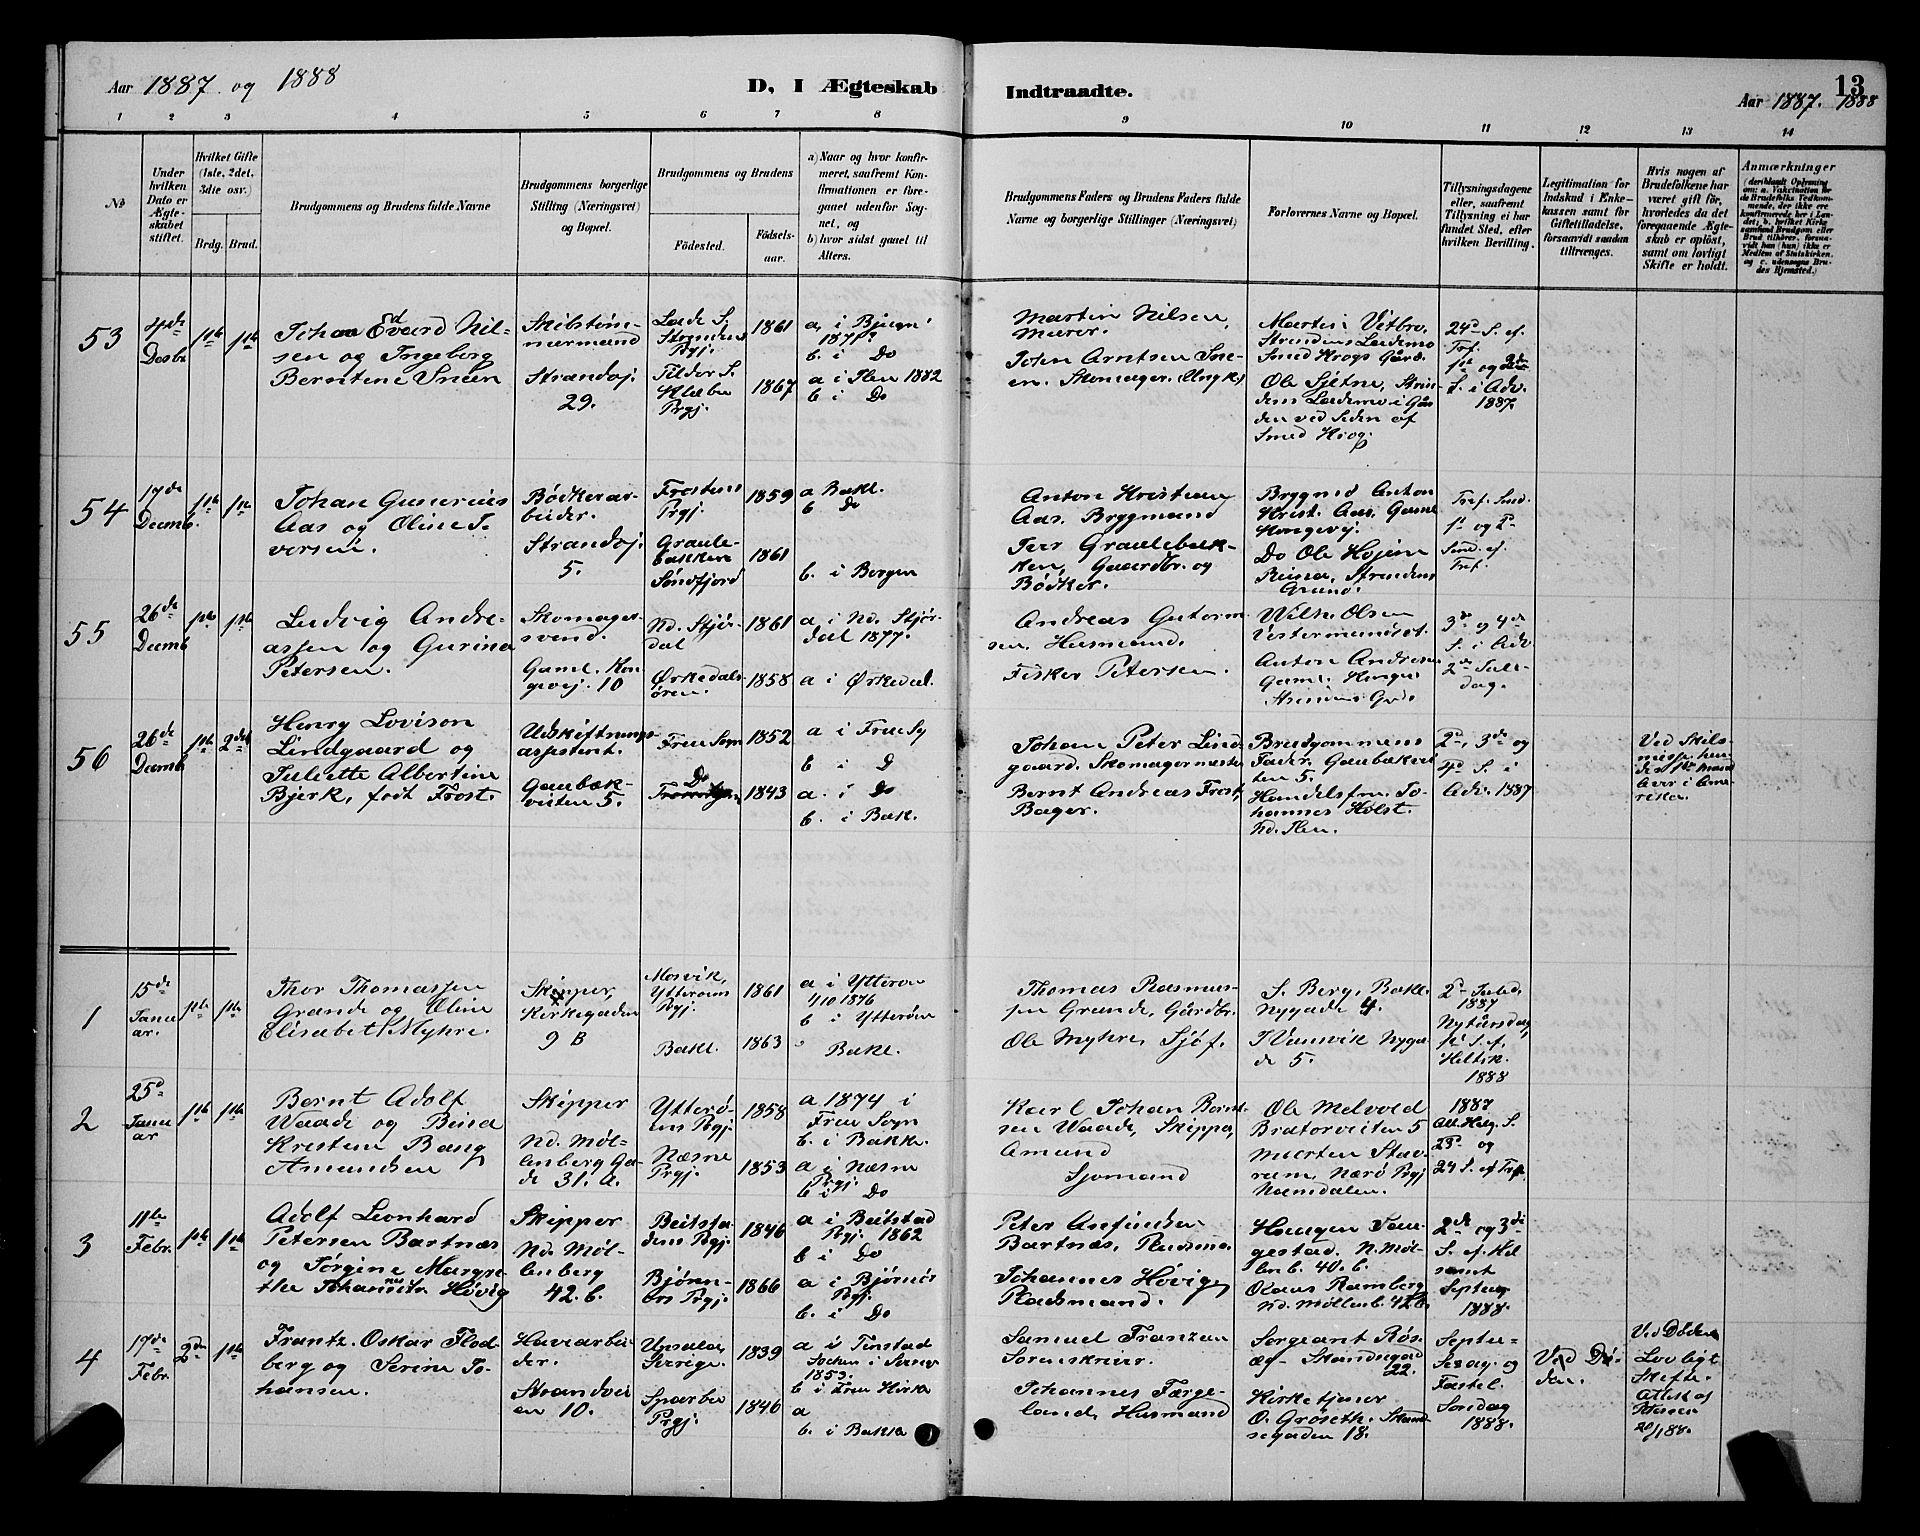 SAT, Ministerialprotokoller, klokkerbøker og fødselsregistre - Sør-Trøndelag, 604/L0223: Klokkerbok nr. 604C06, 1886-1897, s. 13